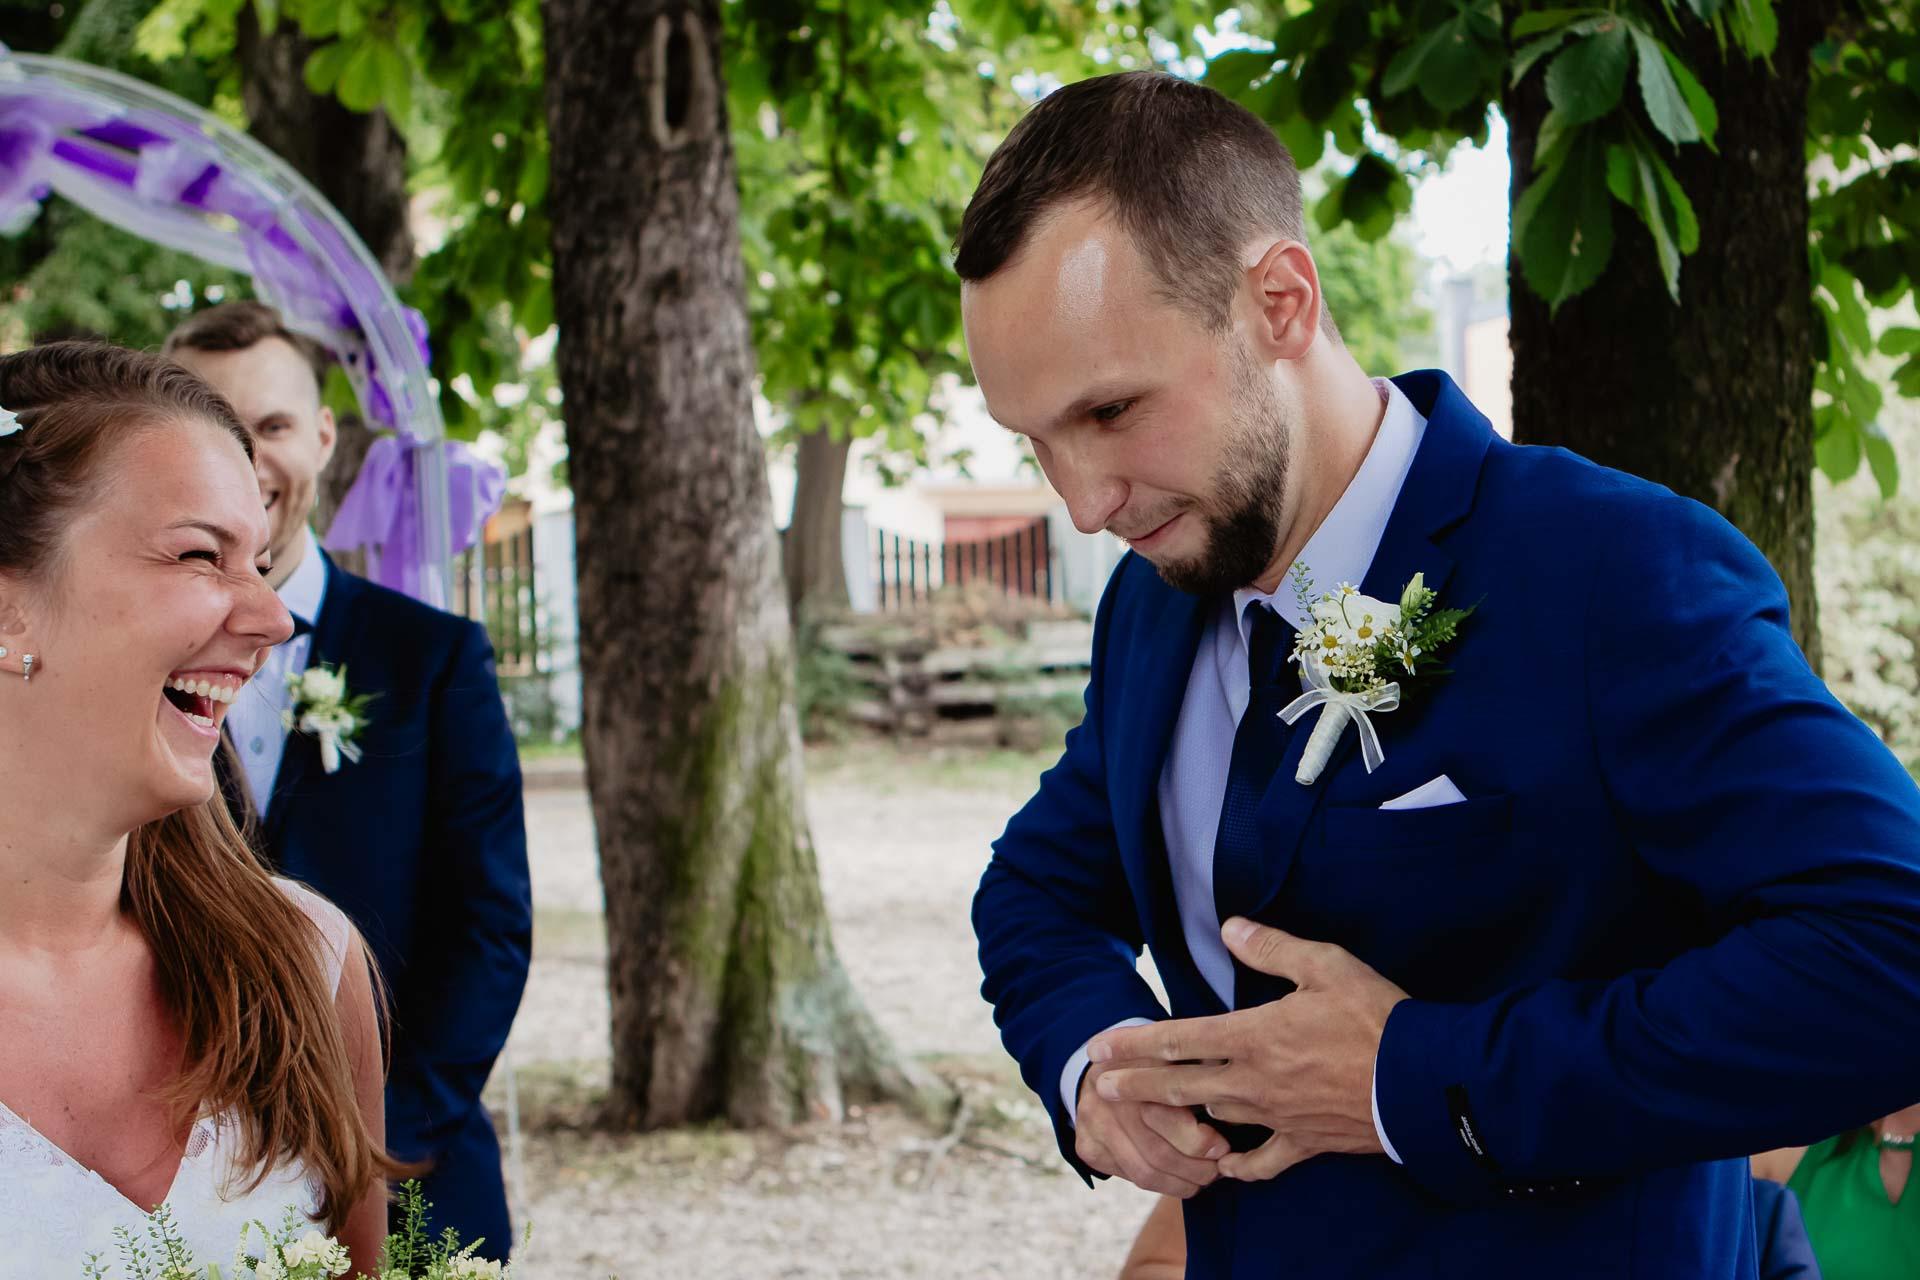 svatební-fotograf-dolní-počernice-svatební-fotograf-Zámecký-park-Dolní-Počernice-41